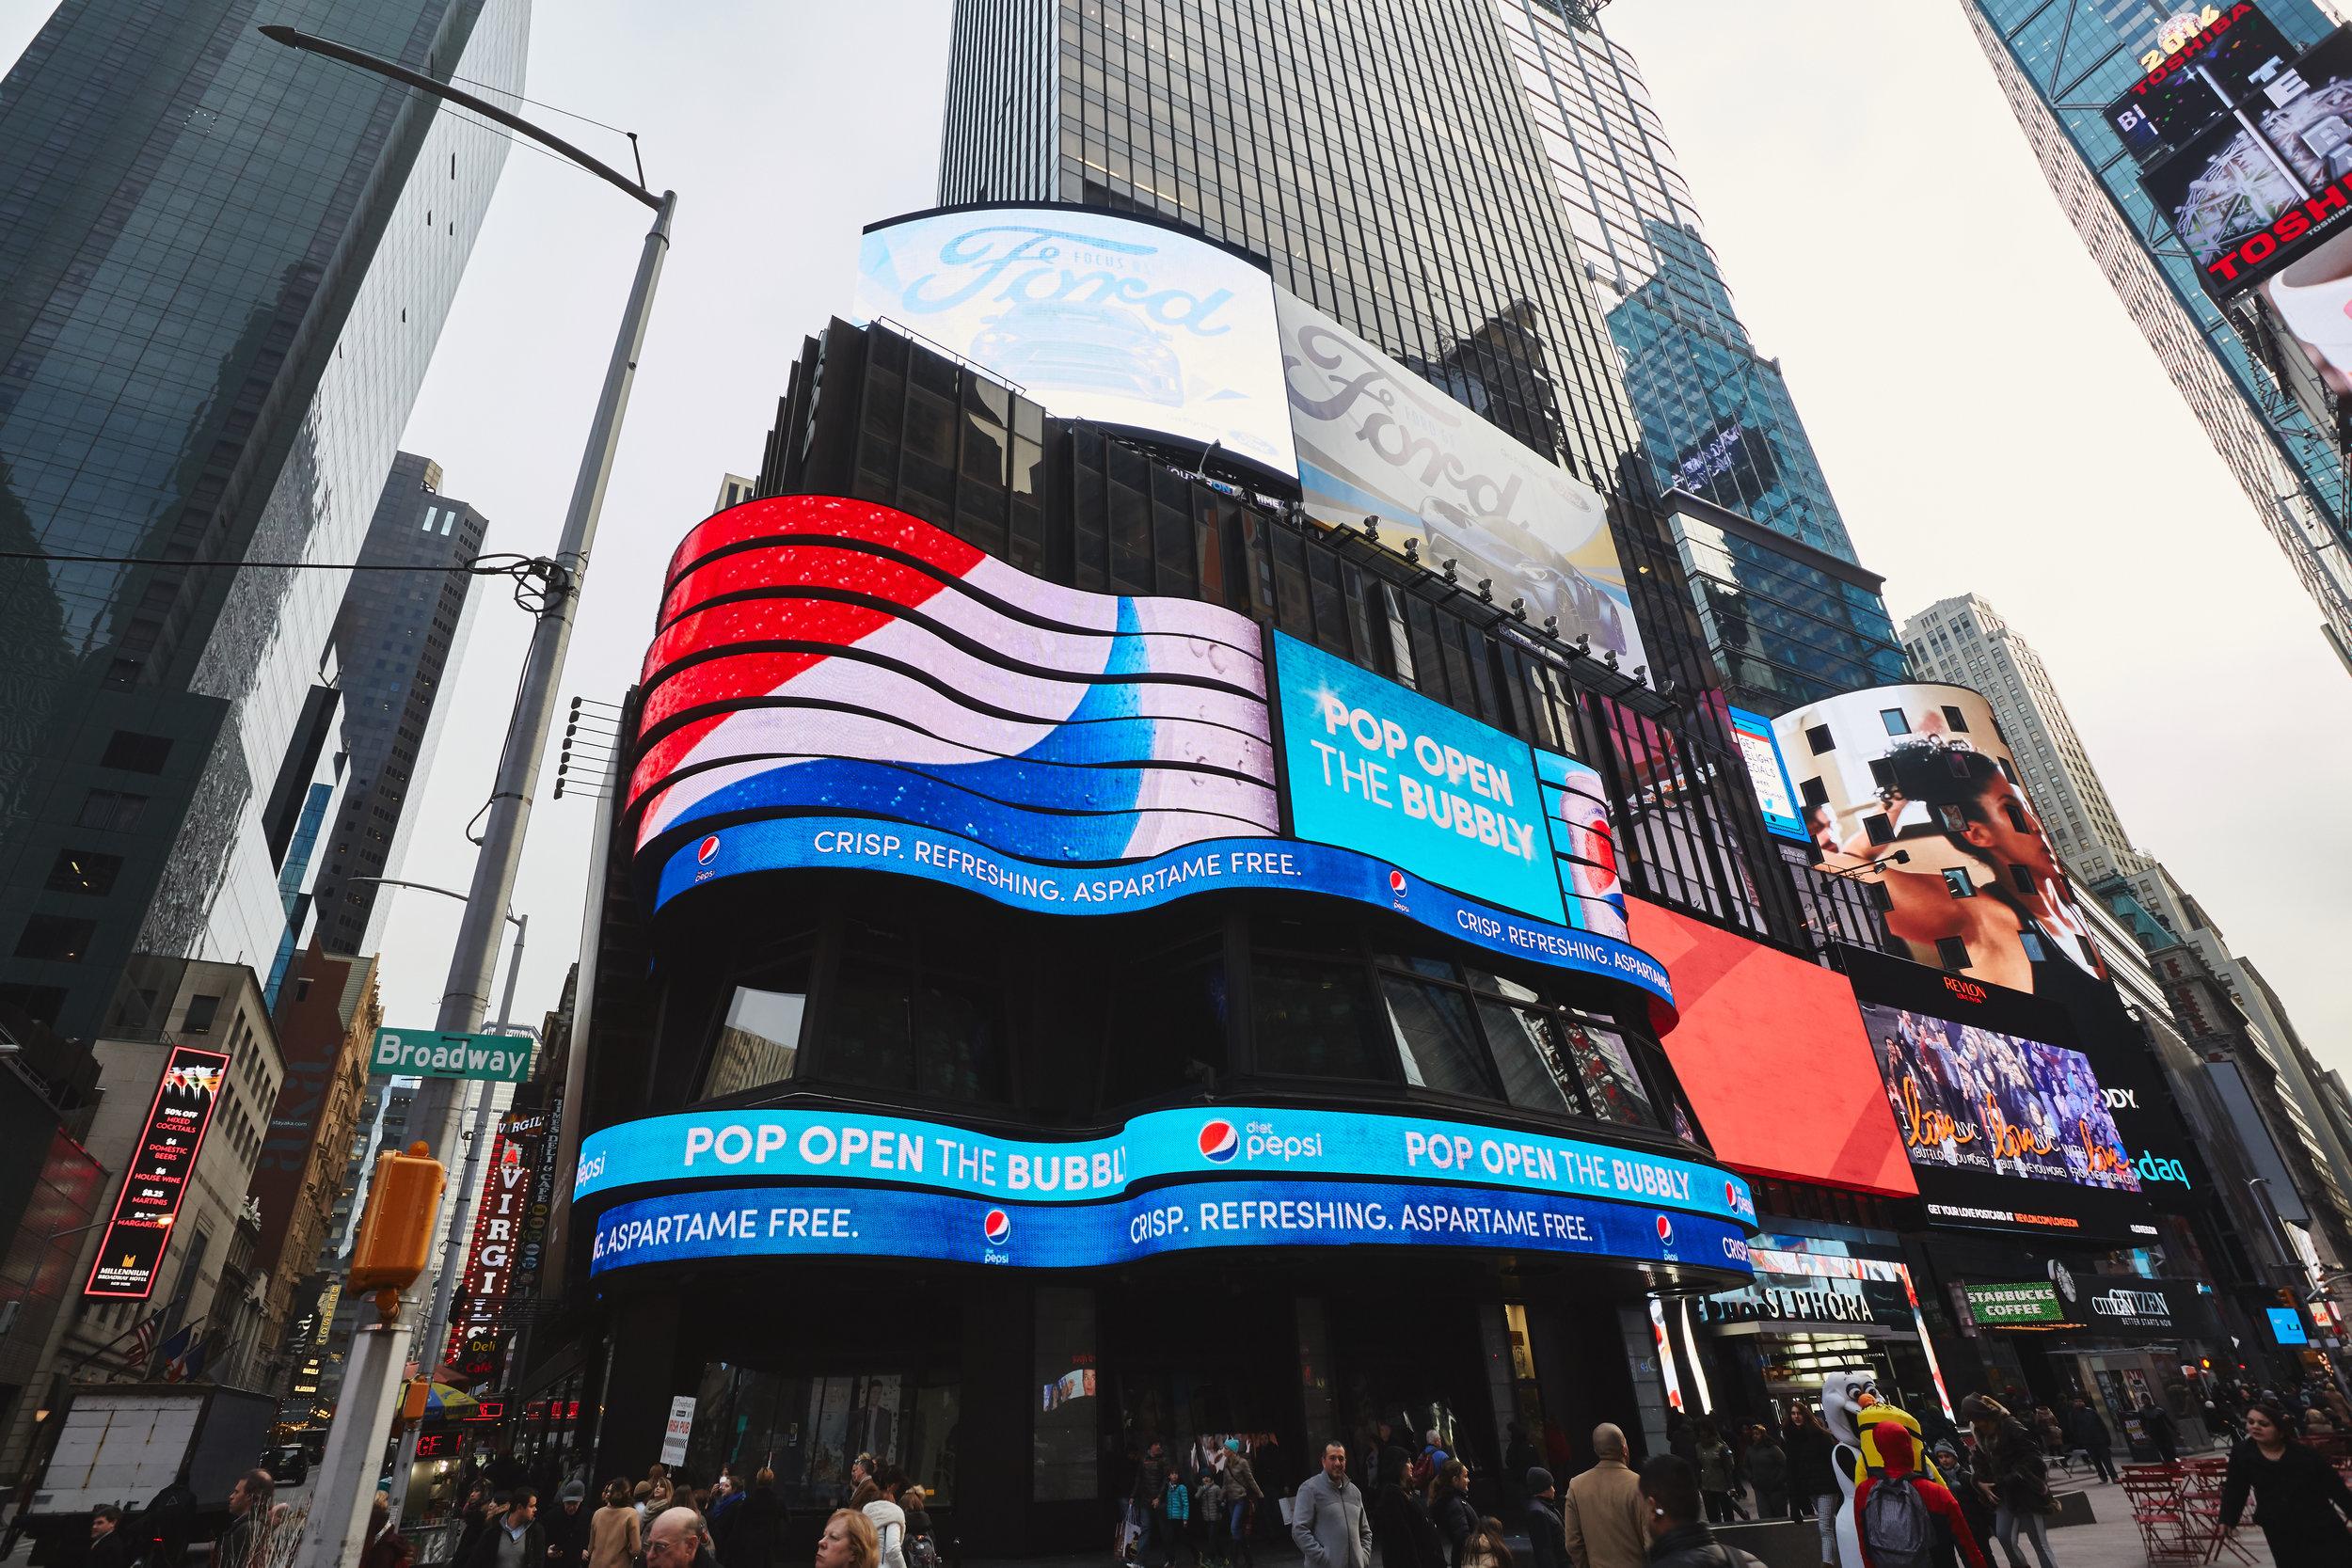 Diet_Pepsi_NYC_1.7.16_11565.jpg